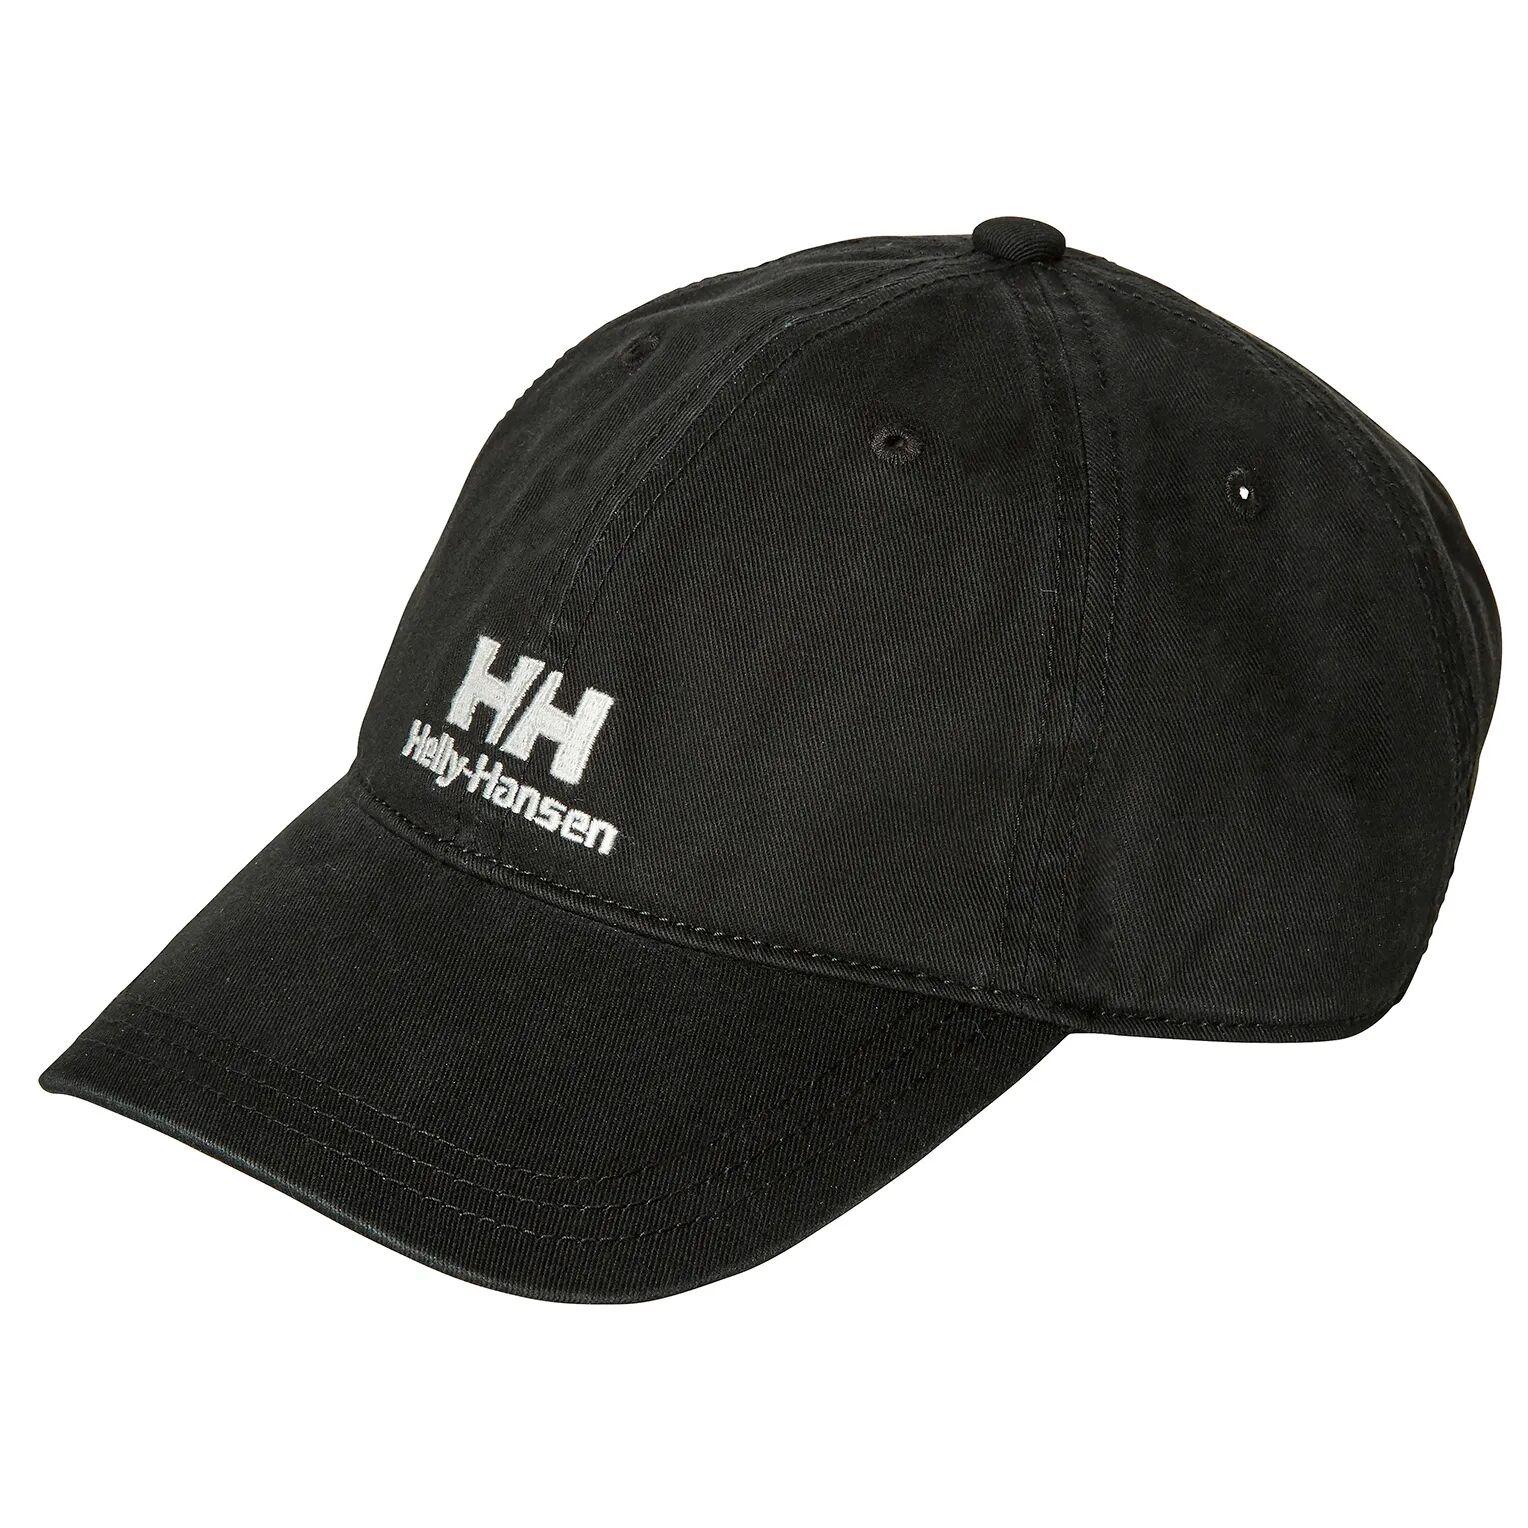 Helly Hansen Yu Dad Cap Black STD